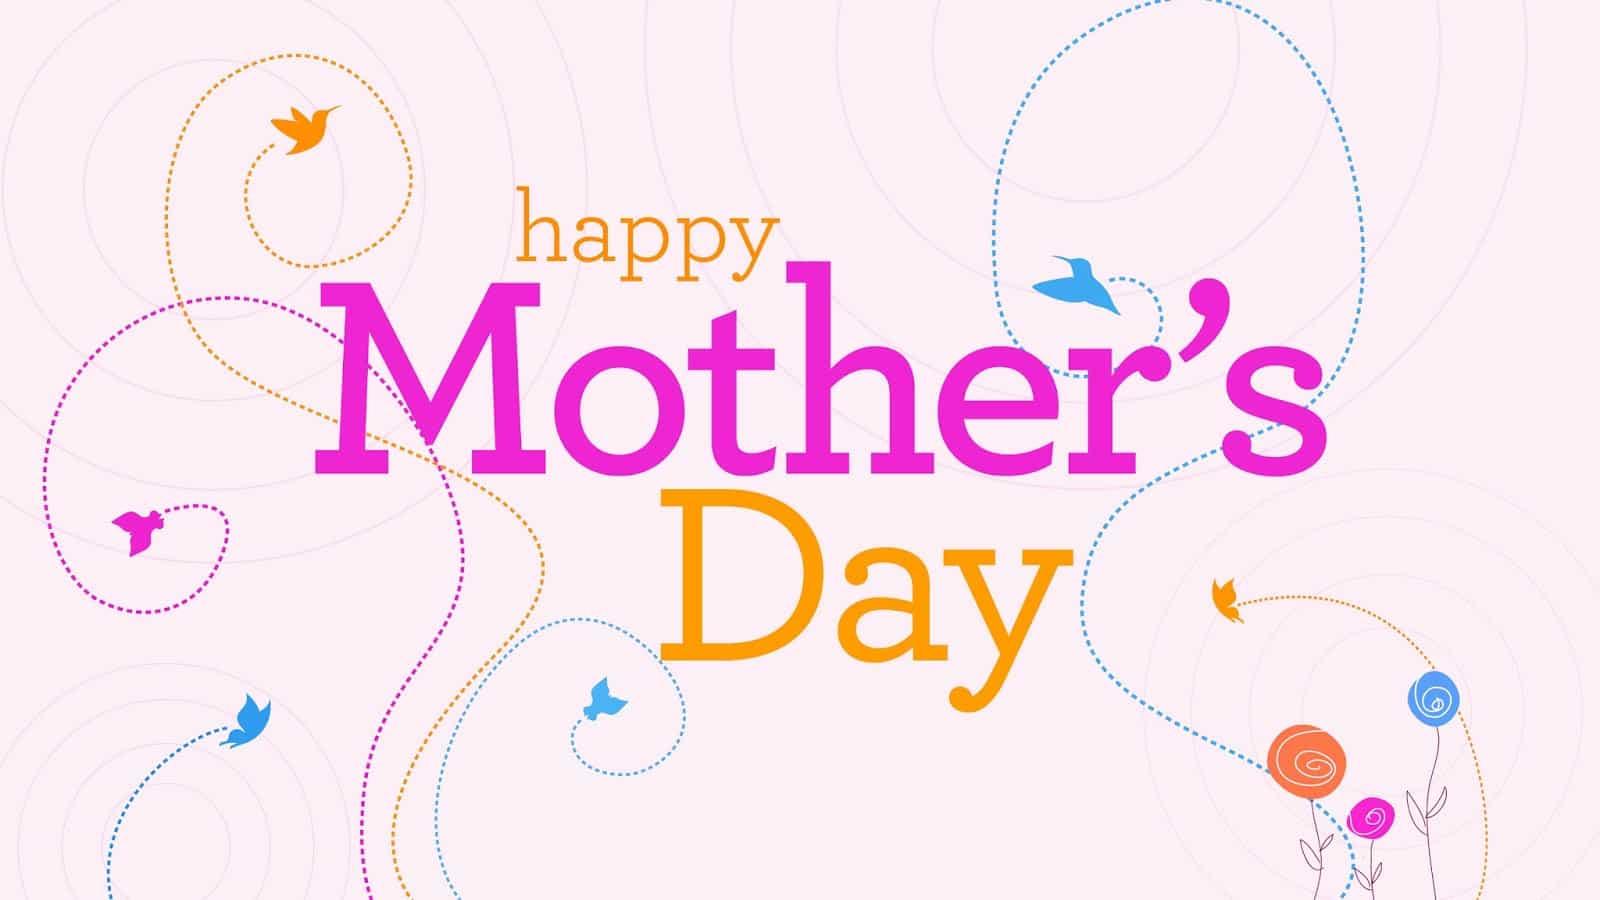 صور وكروت وبطاقات معايدة لعيد الأم - Happy Mother's Day 2020 13